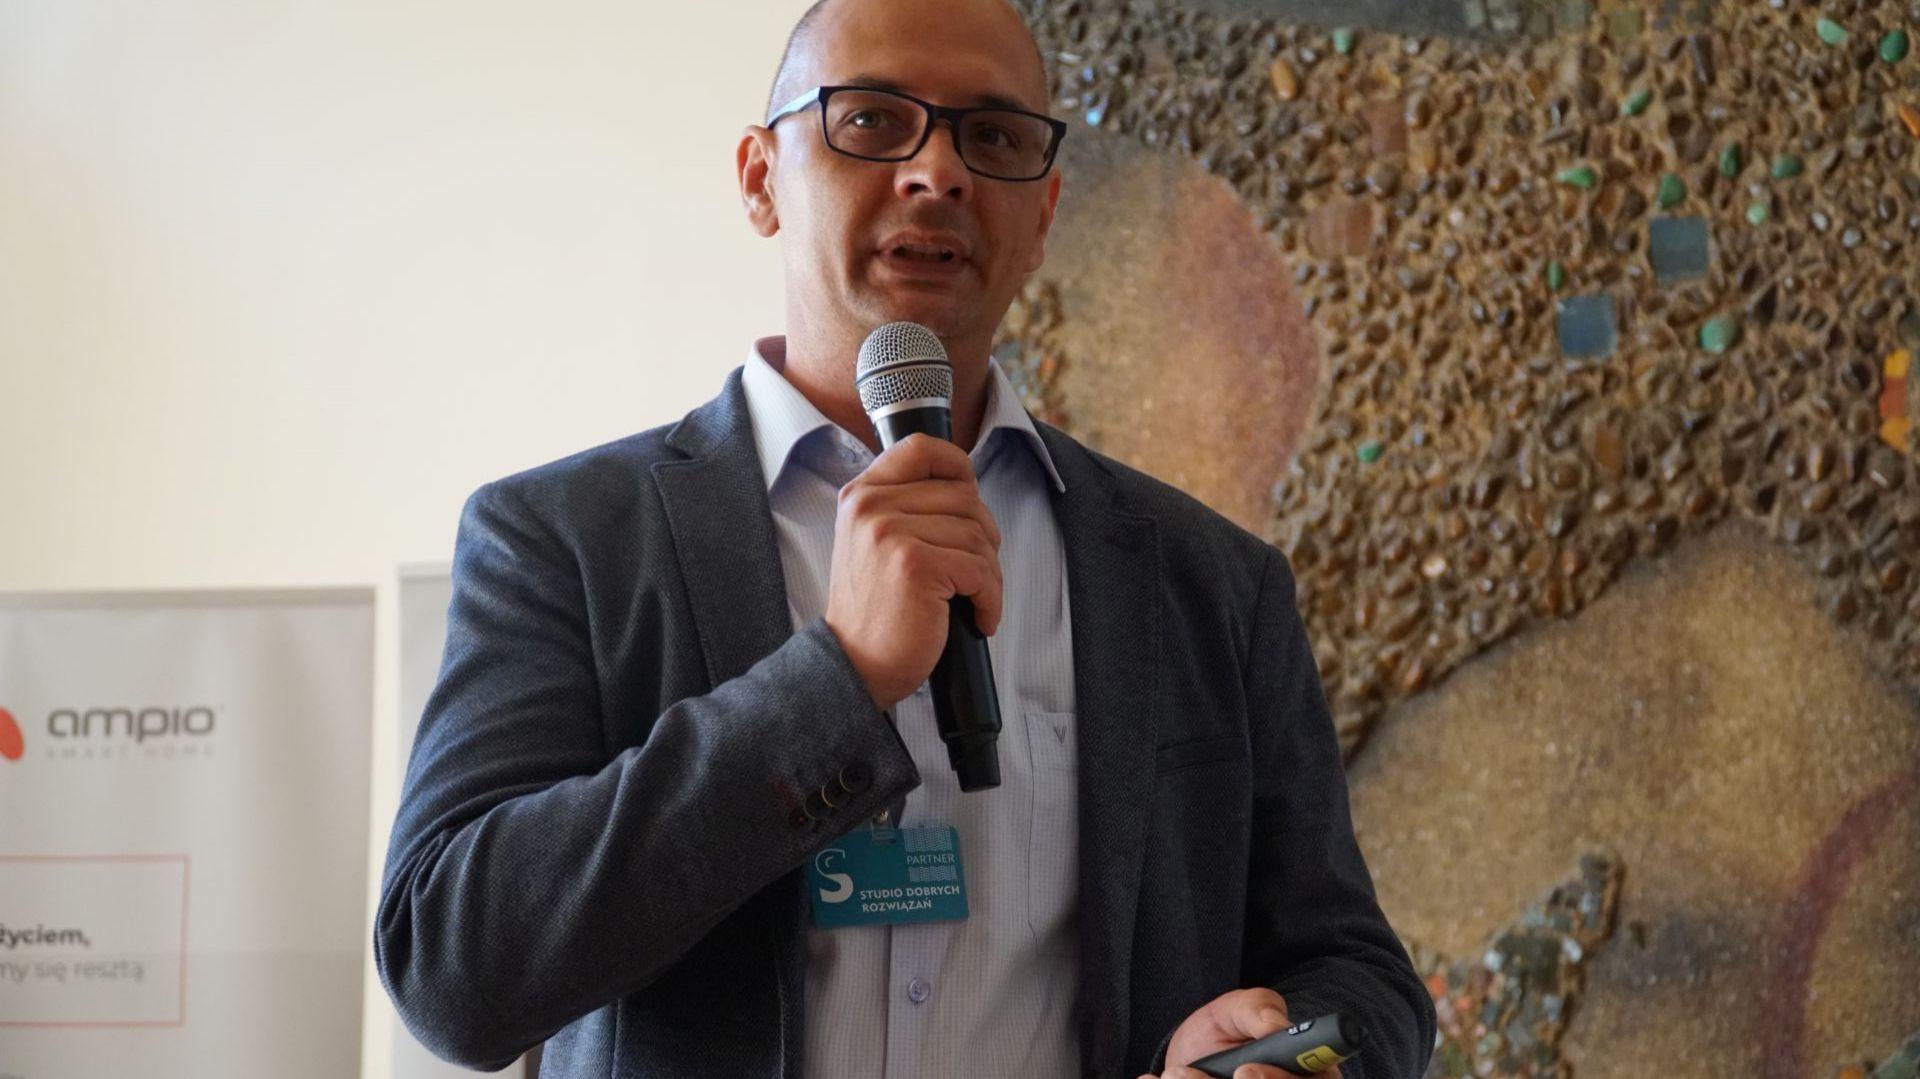 Rafał Kleinschmidt, doradca biura obsługi projektów Kontakt Simon